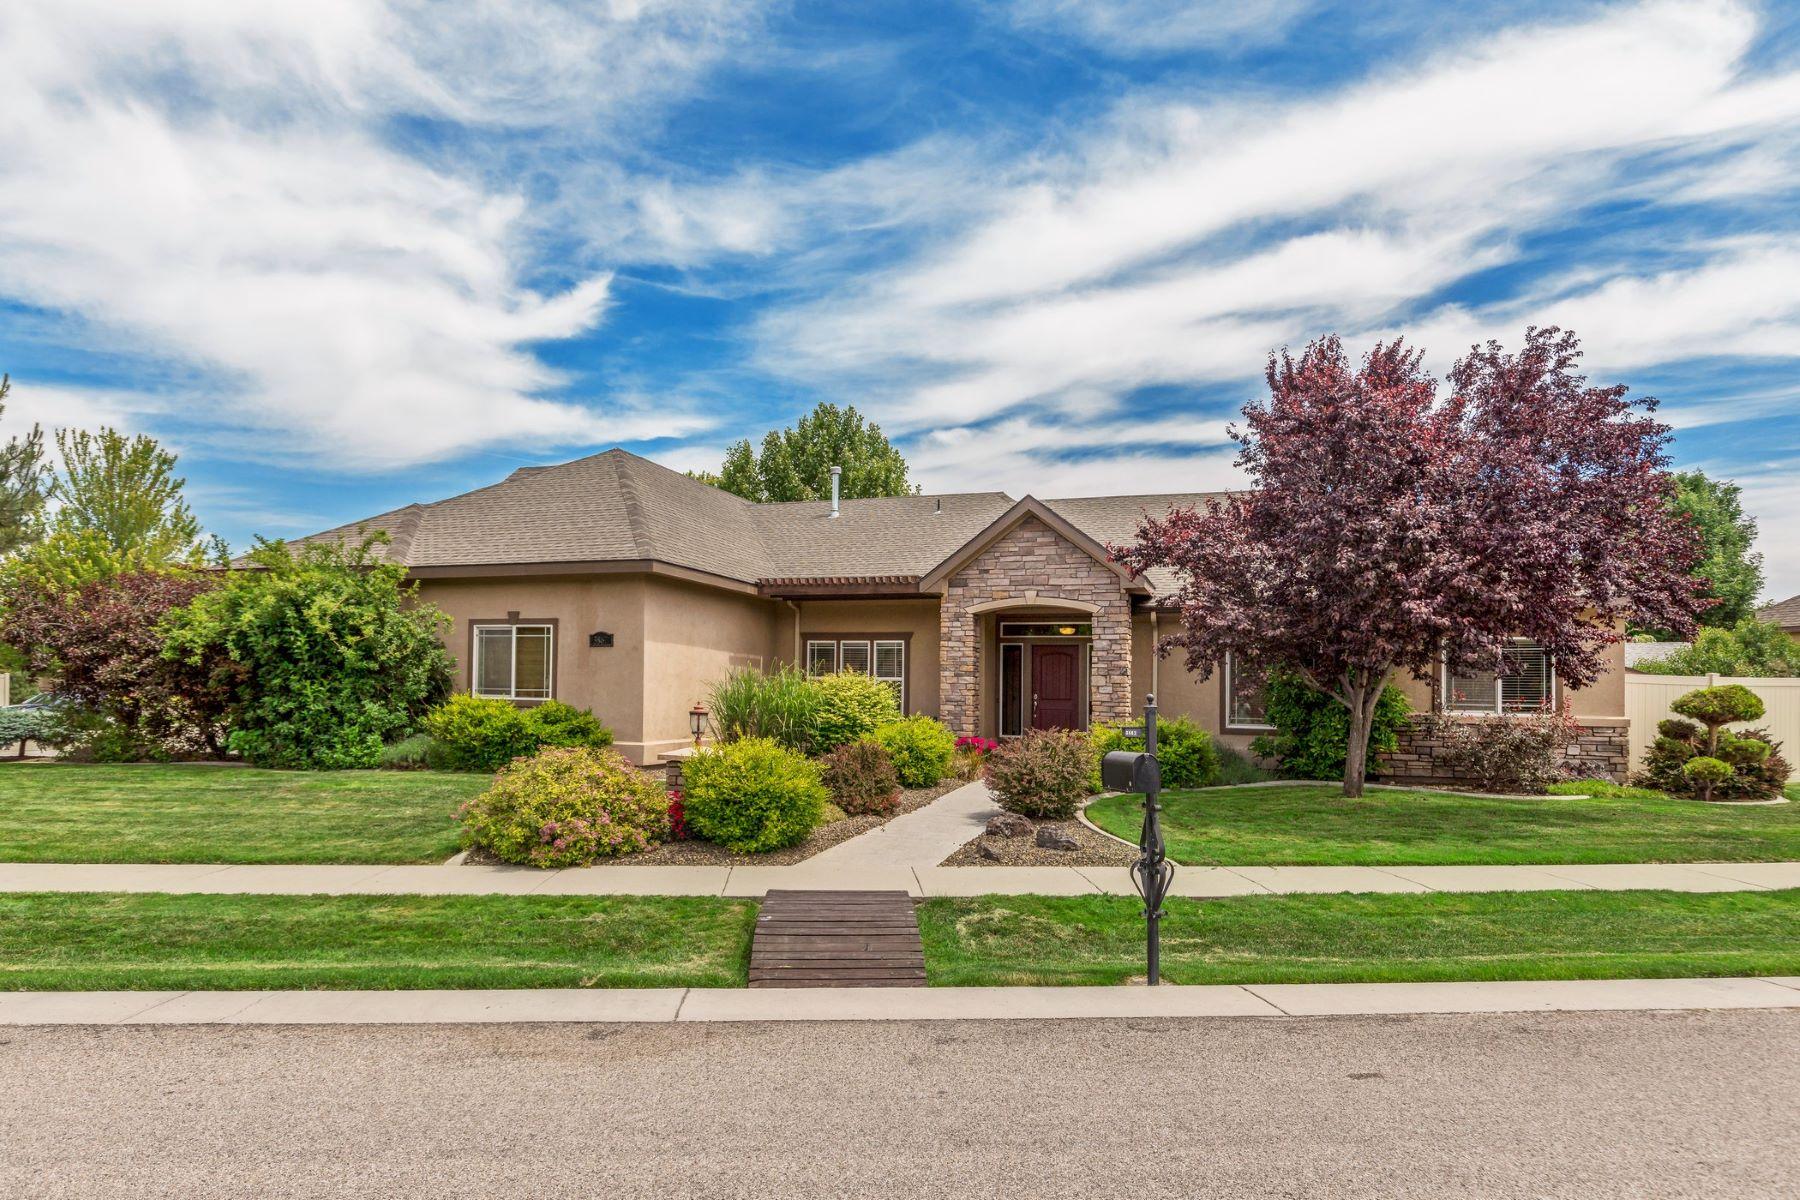 Single Family Homes للـ Sale في 3862 Firenze Way, Meridian 3862 S Firenze Way, Meridian, Idaho 83642 United States